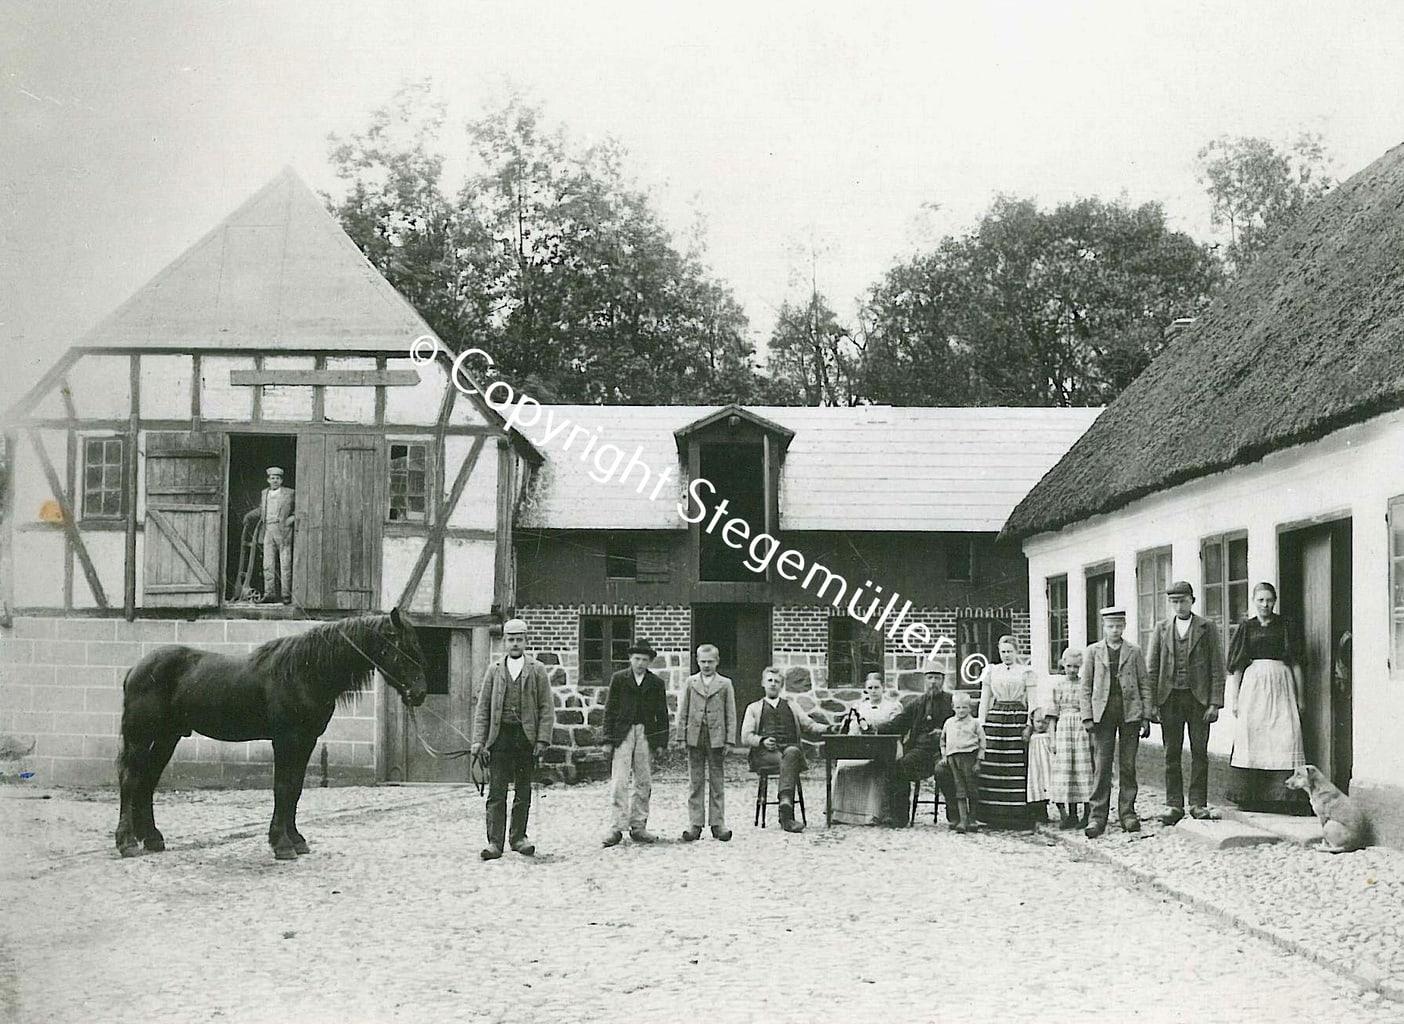 Jeg vil gætte på, det er Vester Mølle 1900 - 1920 i Thyregod Sogn, men sikkert er det ikke